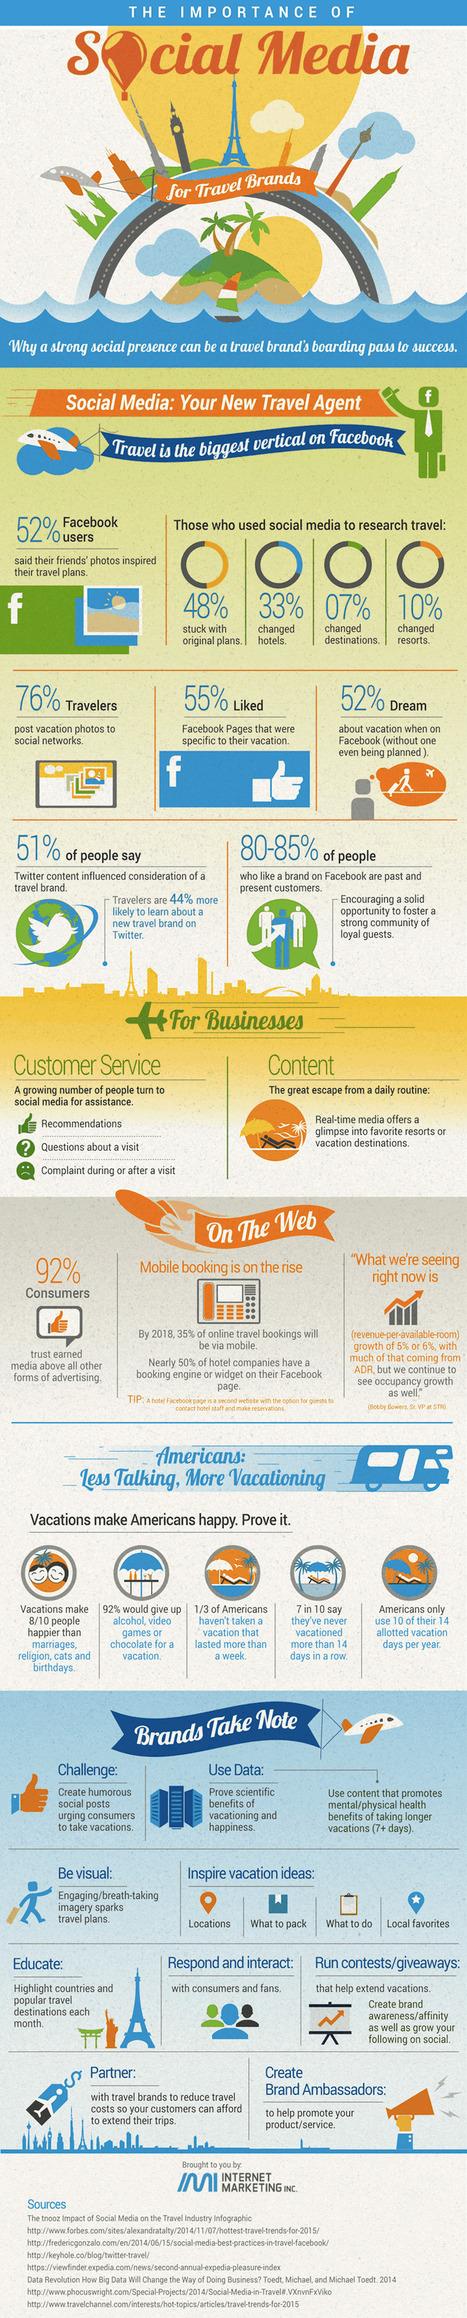 #SocialMedia and #Travel Go Hand in Hand #Infographic | Turismo&Territori in Rete | Scoop.it